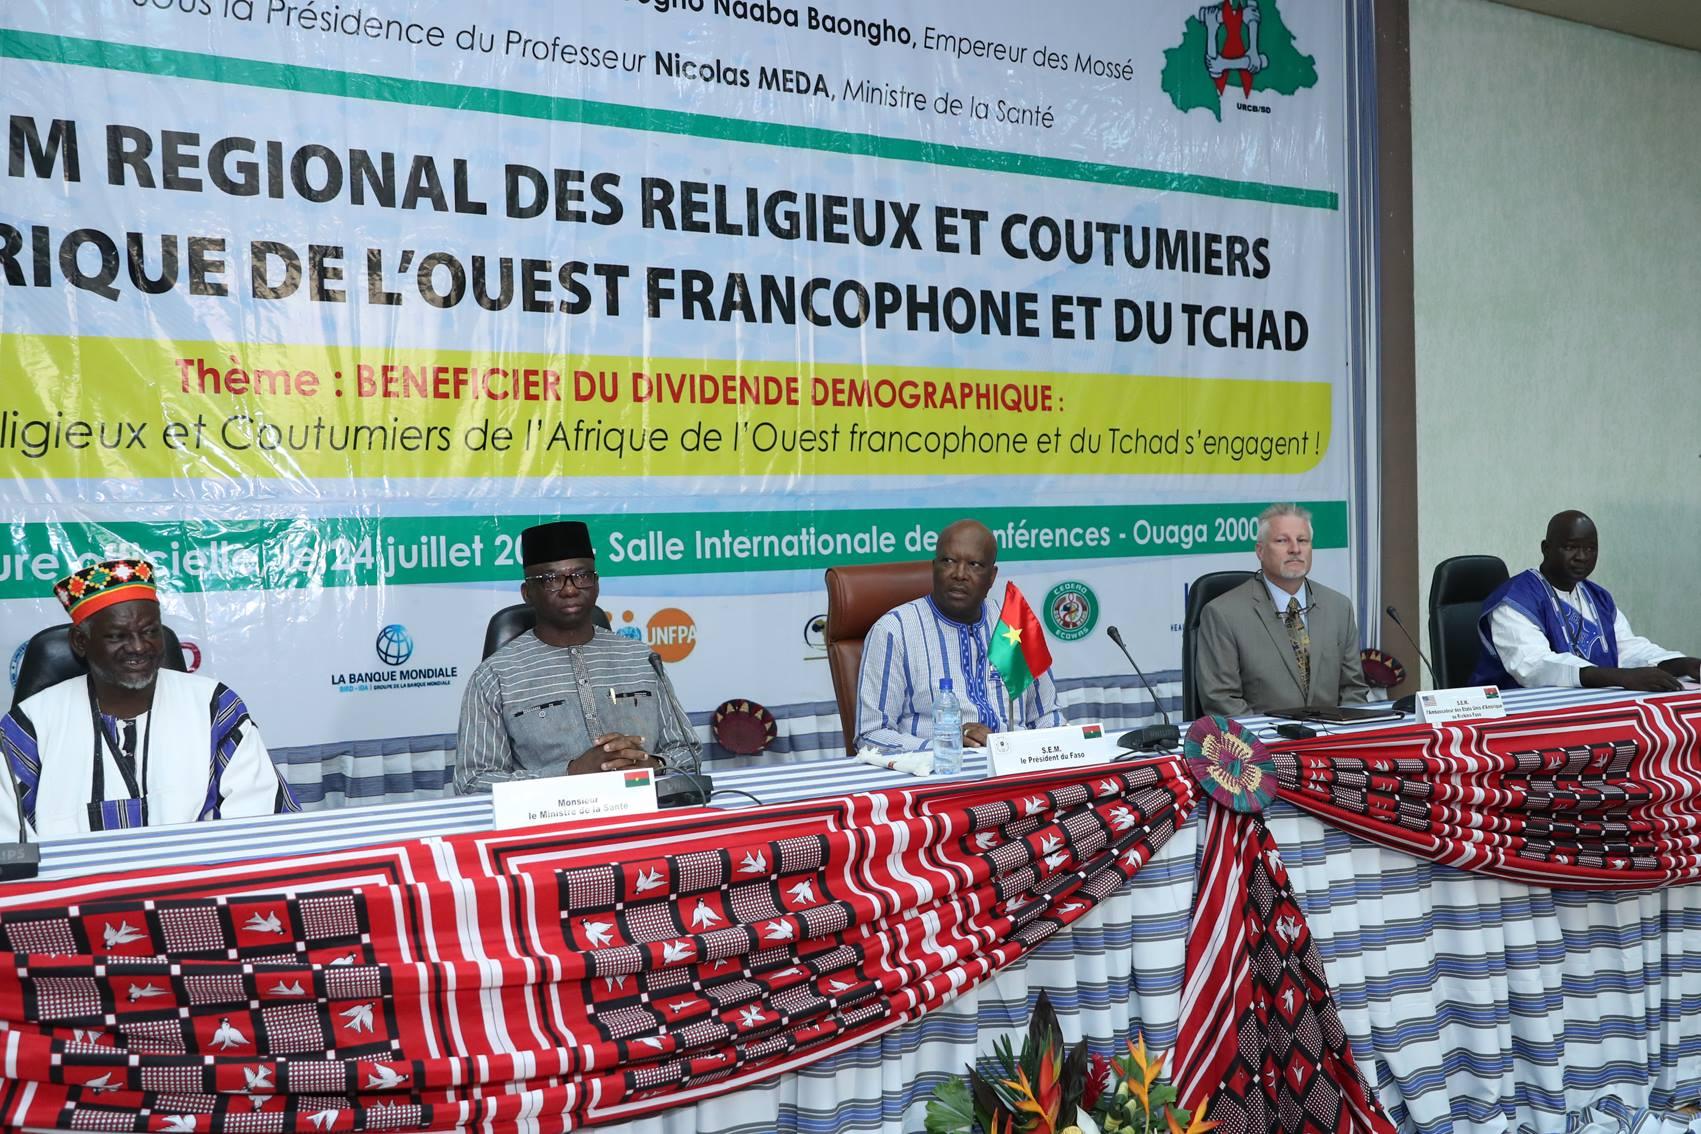 """Forum des leaders religieux et traditionnels sur le dividende démographique : """"un espoir pour l'Afrique"""",le Président du Faso"""